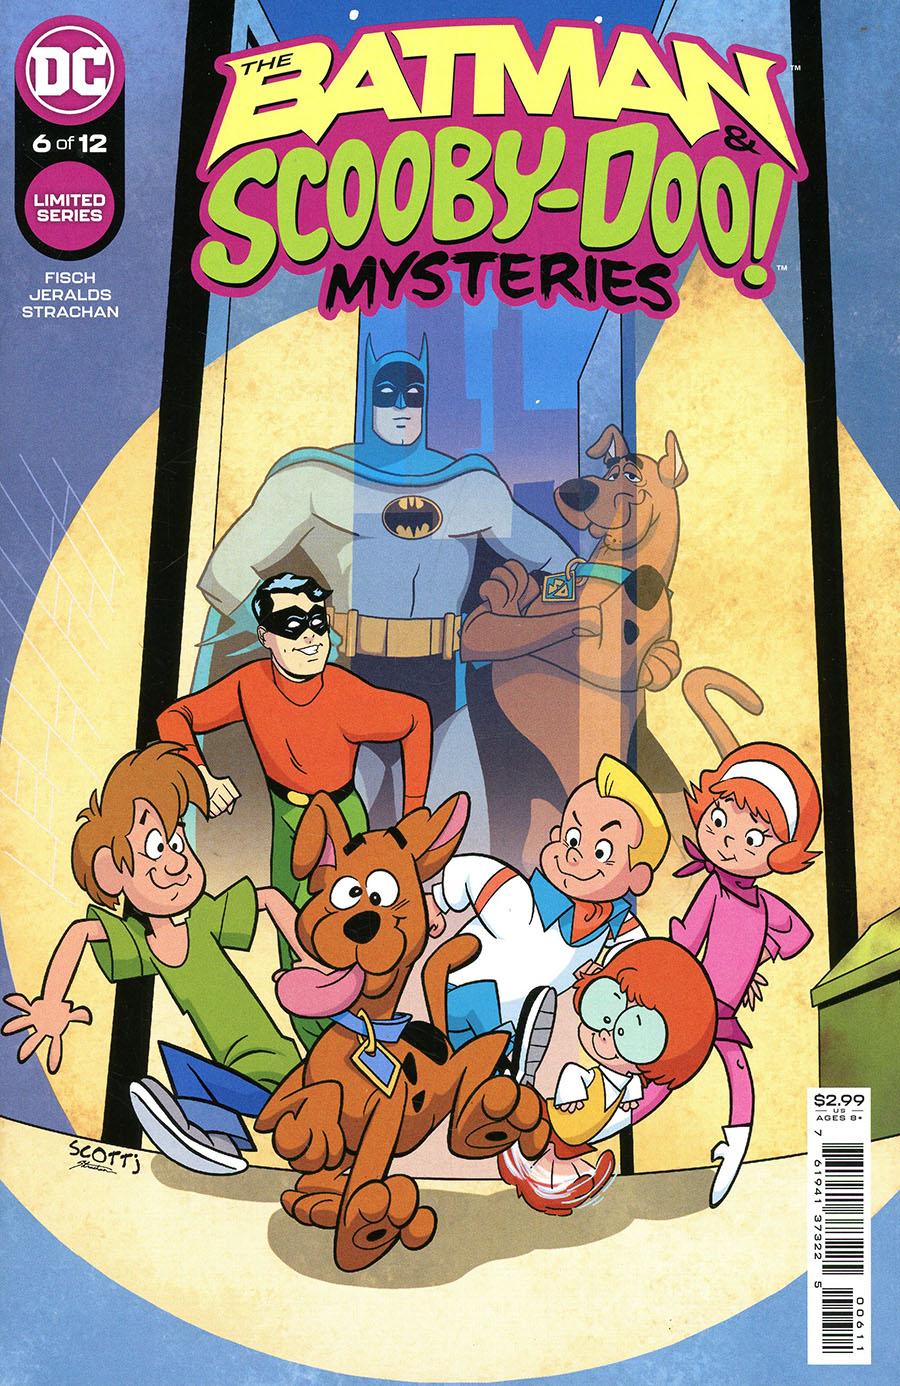 Batman & Scooby-Doo Mysteries #6